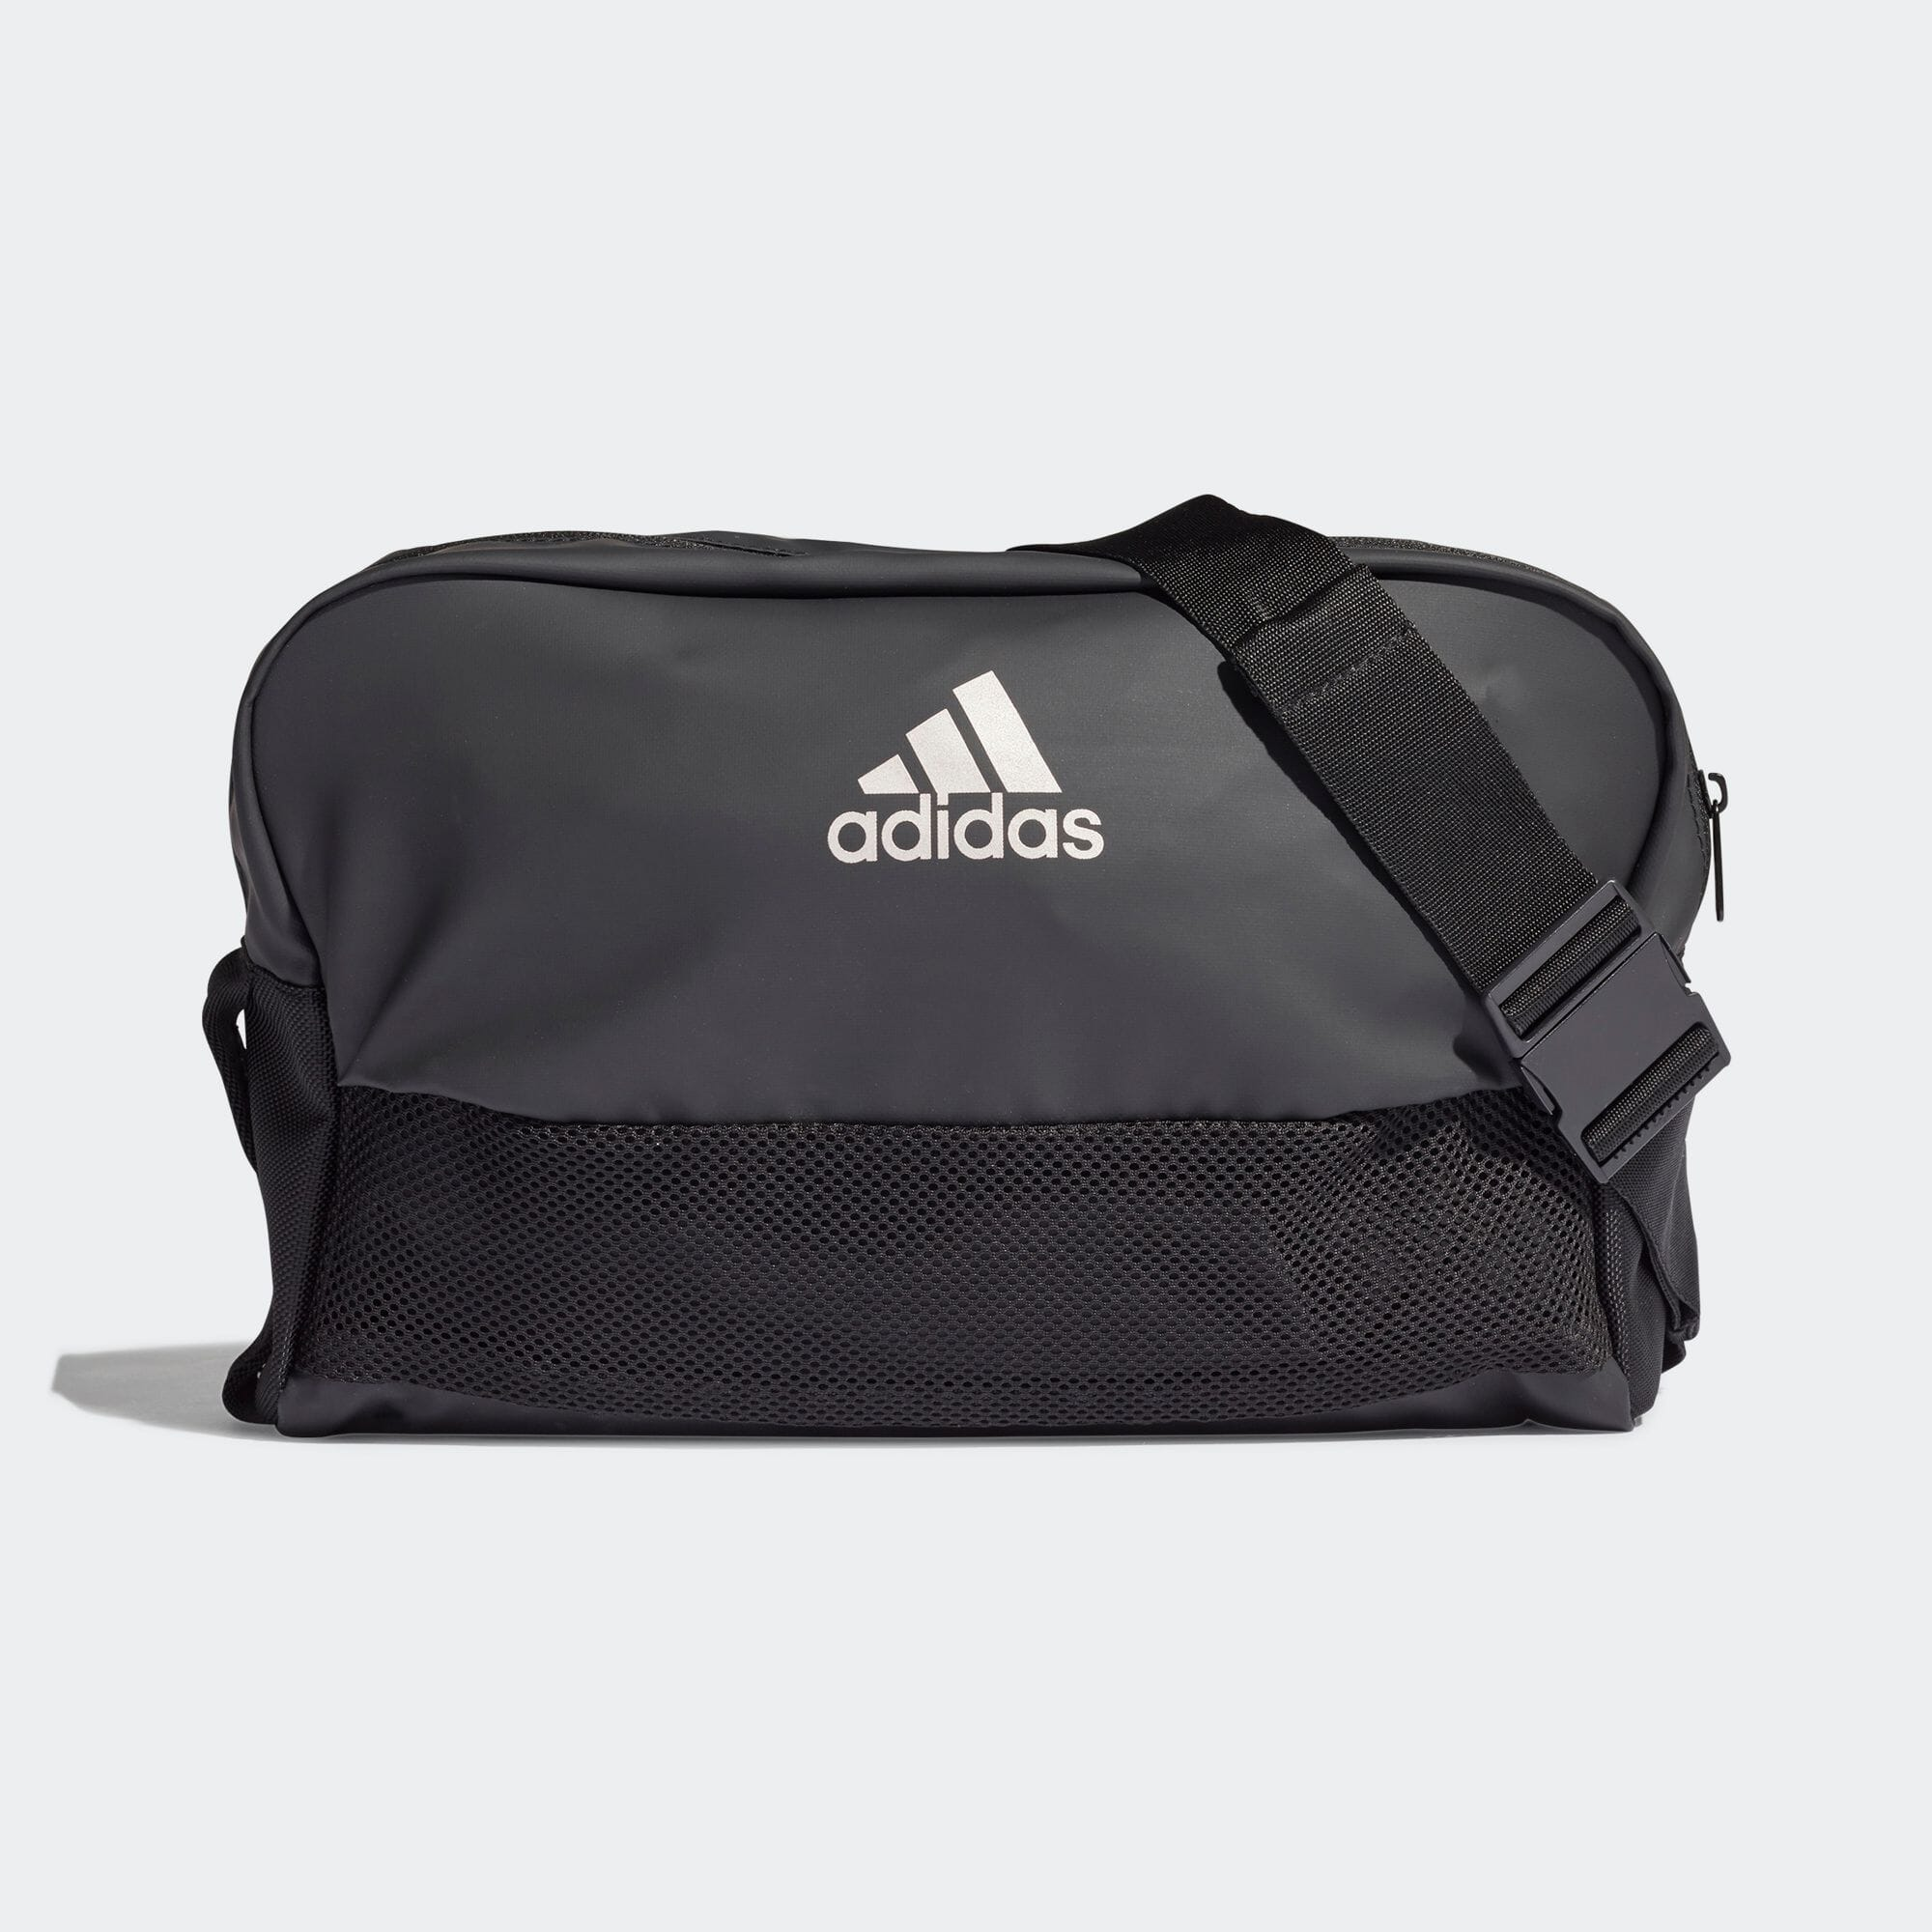 ティロ 21 クロスボディ シューズバッグ / Tiro 21 Cross-Body Shoe Bag